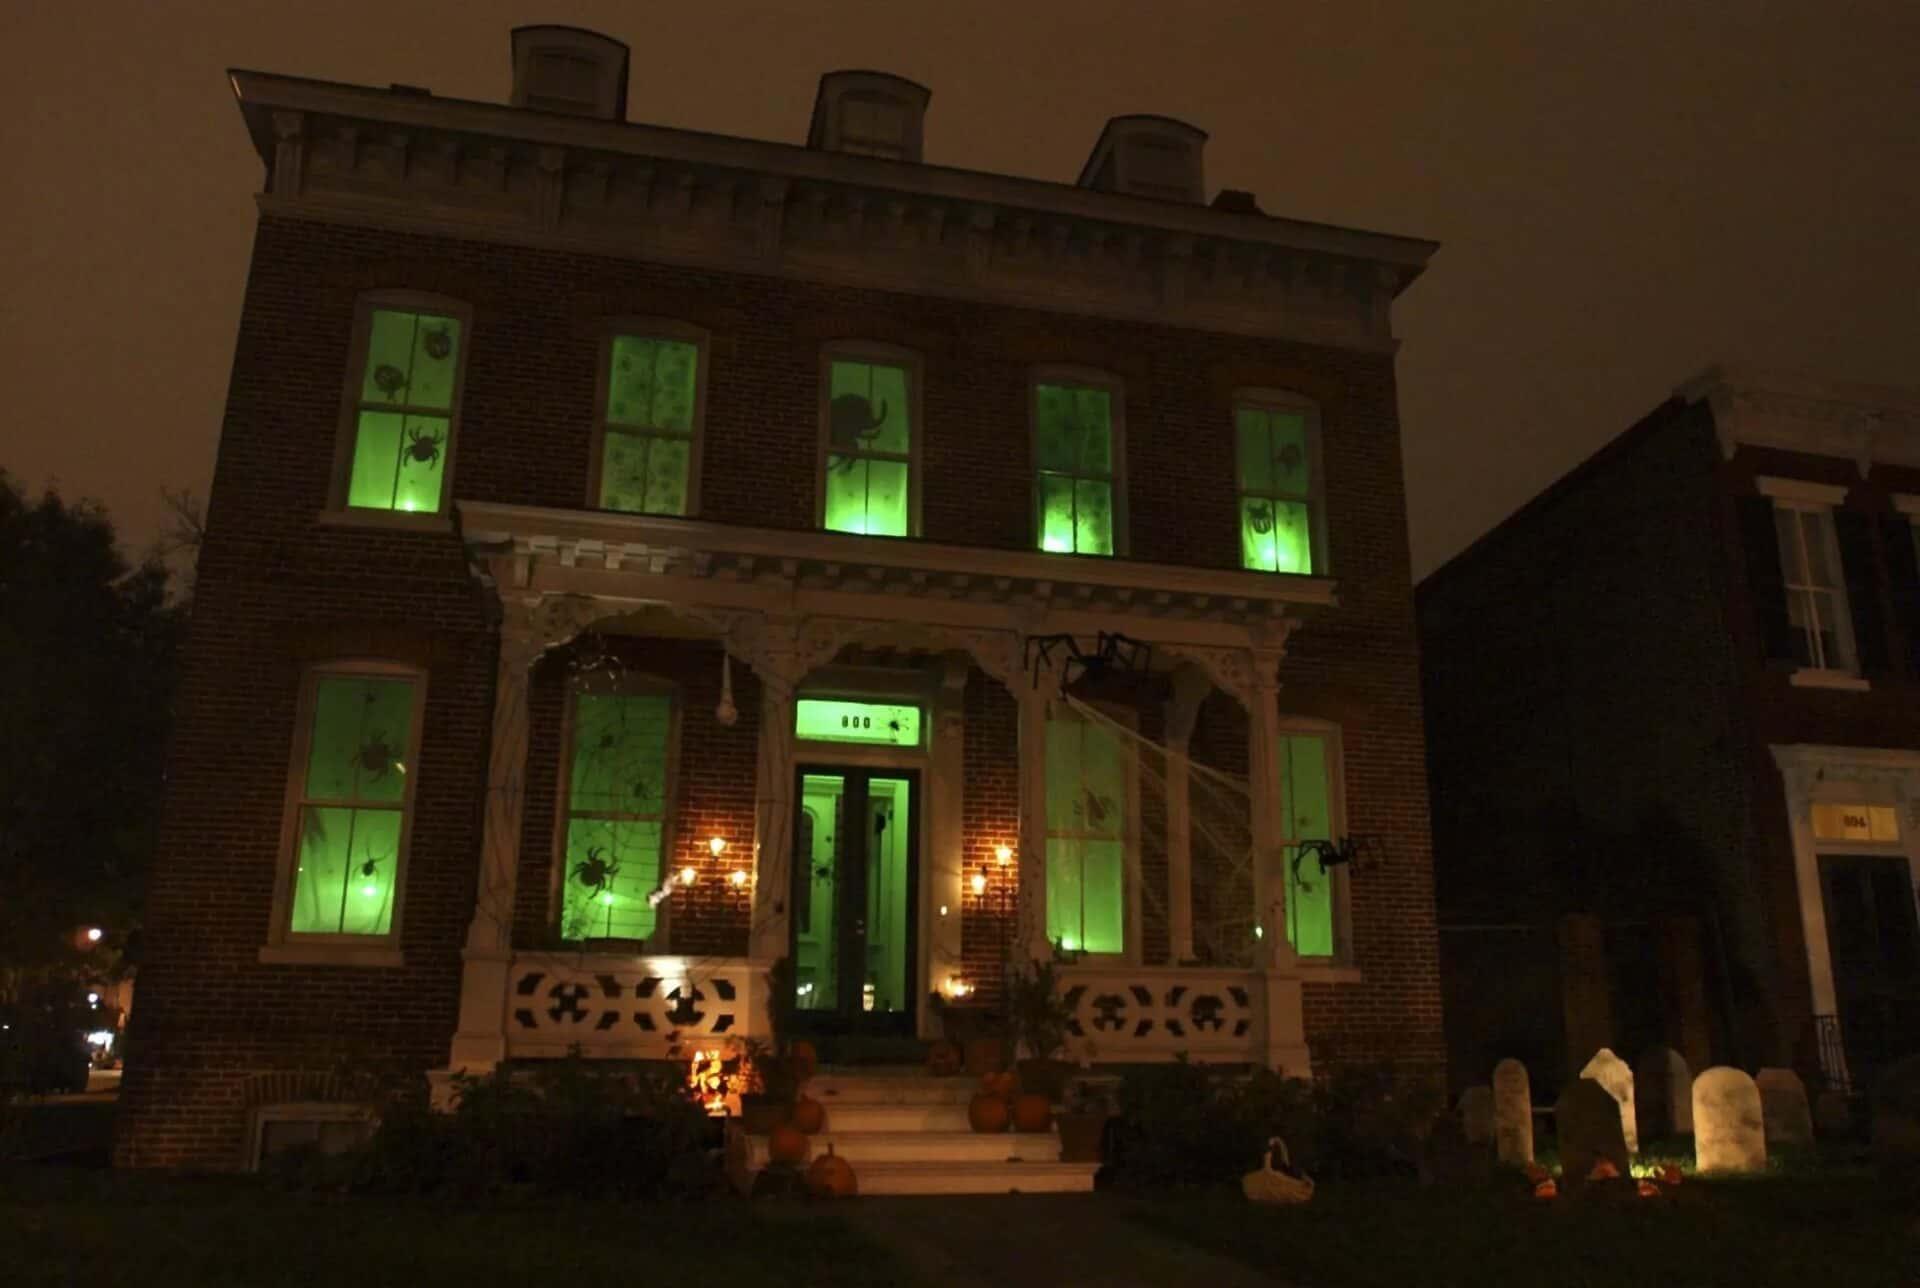 Installing Green Lights